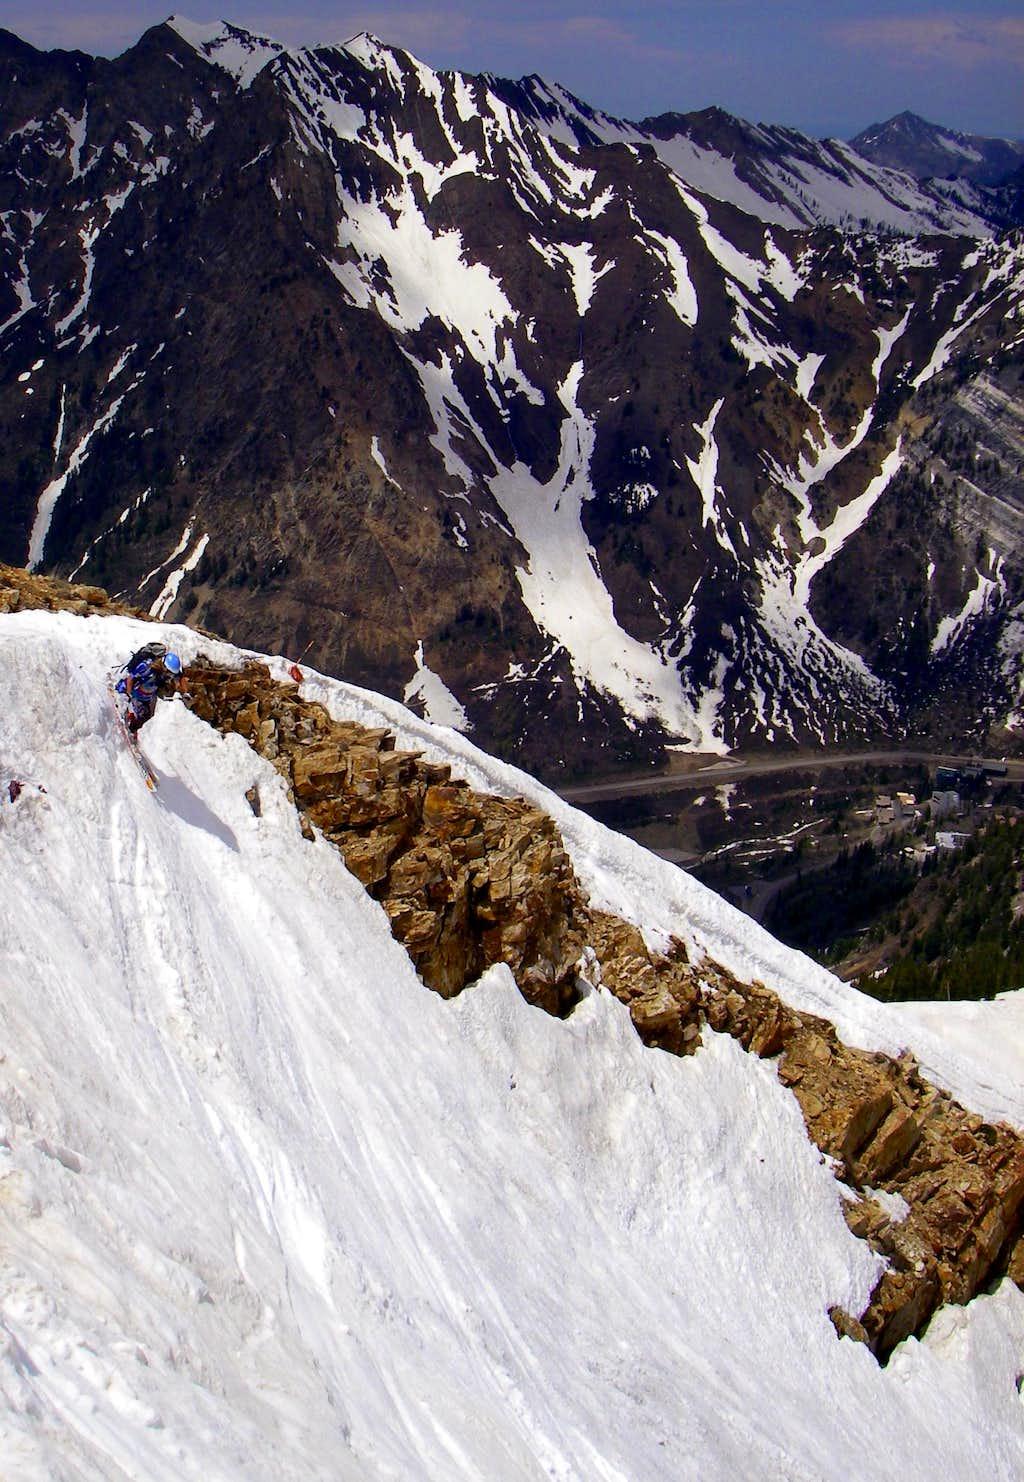 Skiing Mount Baldy